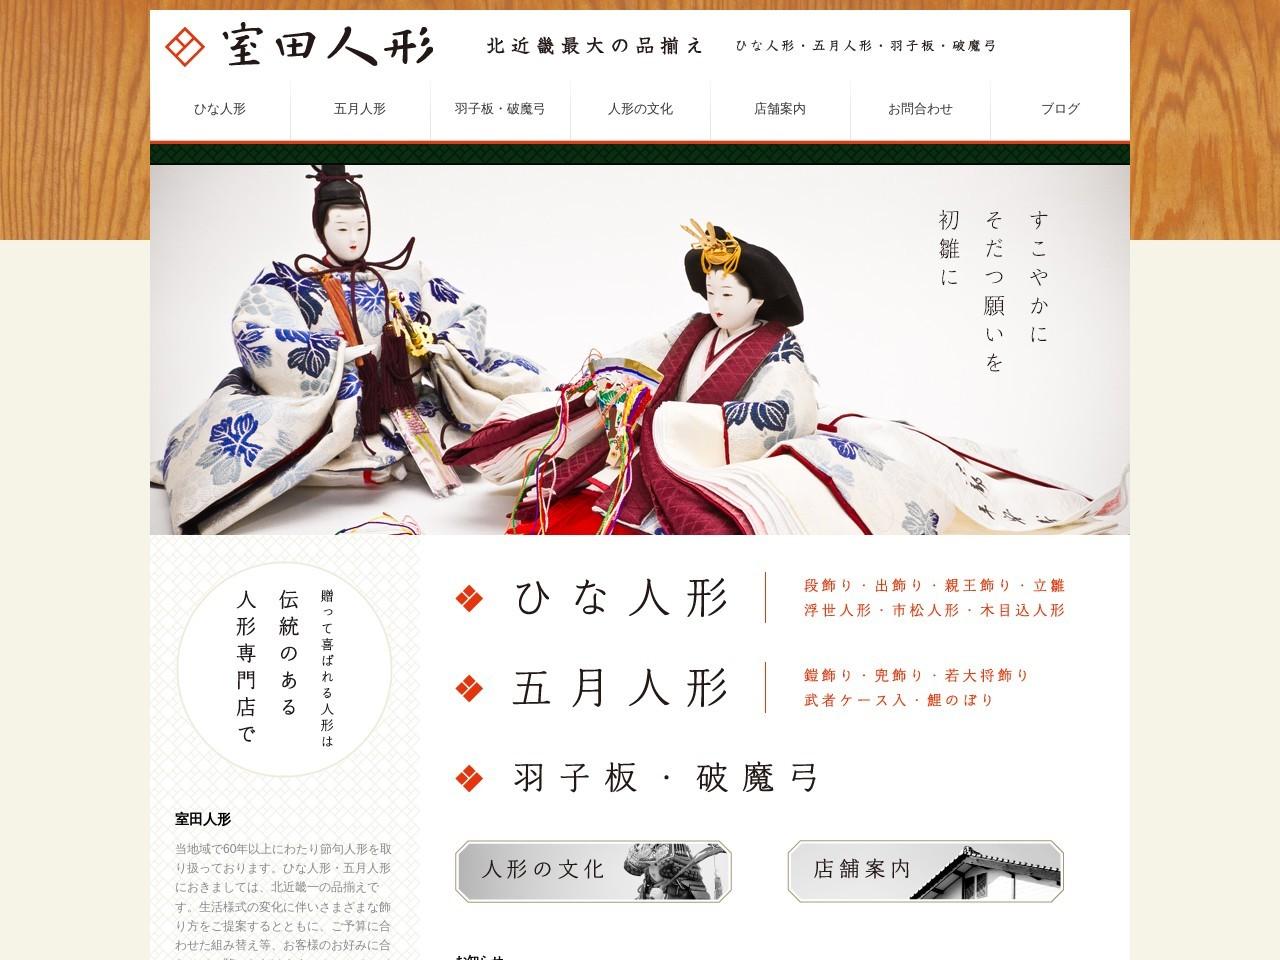 トップページ - 室田人形|京丹後市 ひな人形・五月人形・羽子板・破魔弓など、北近畿最大の品揃え